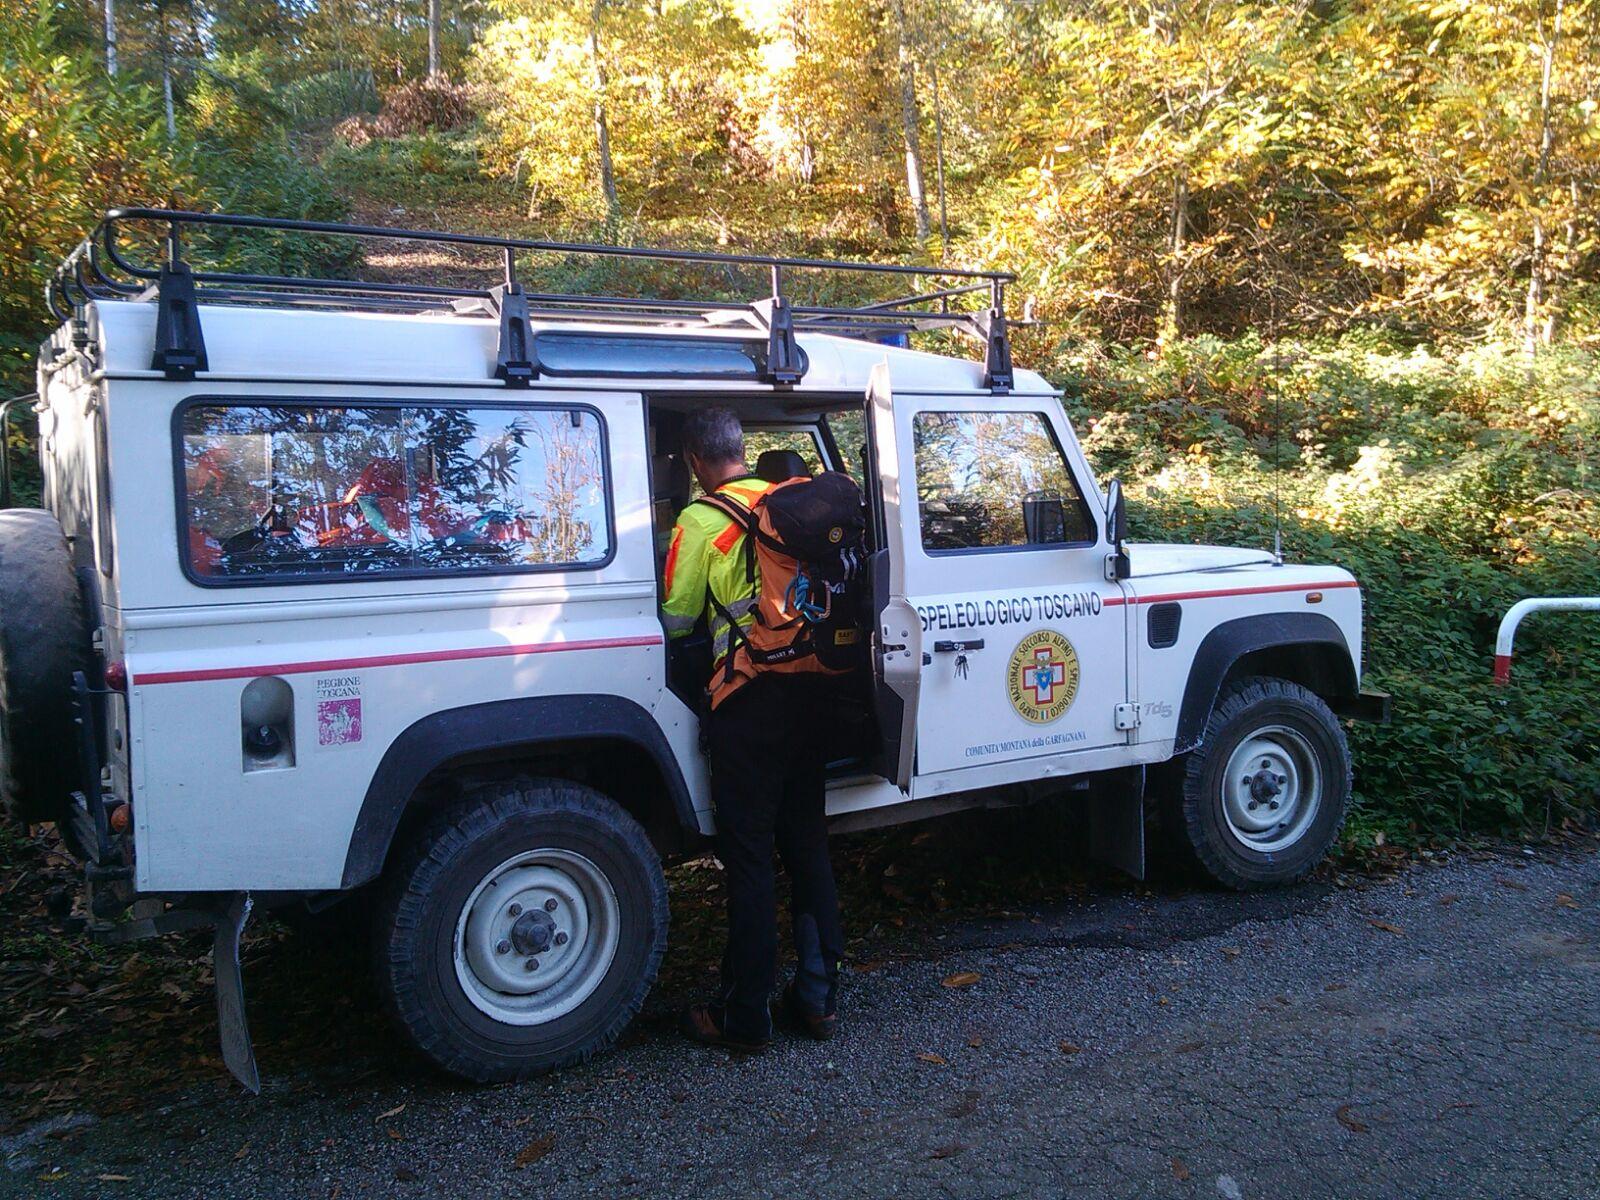 Tragedia sulle Apuane, trovato morto l'escursionista disperso da ieri